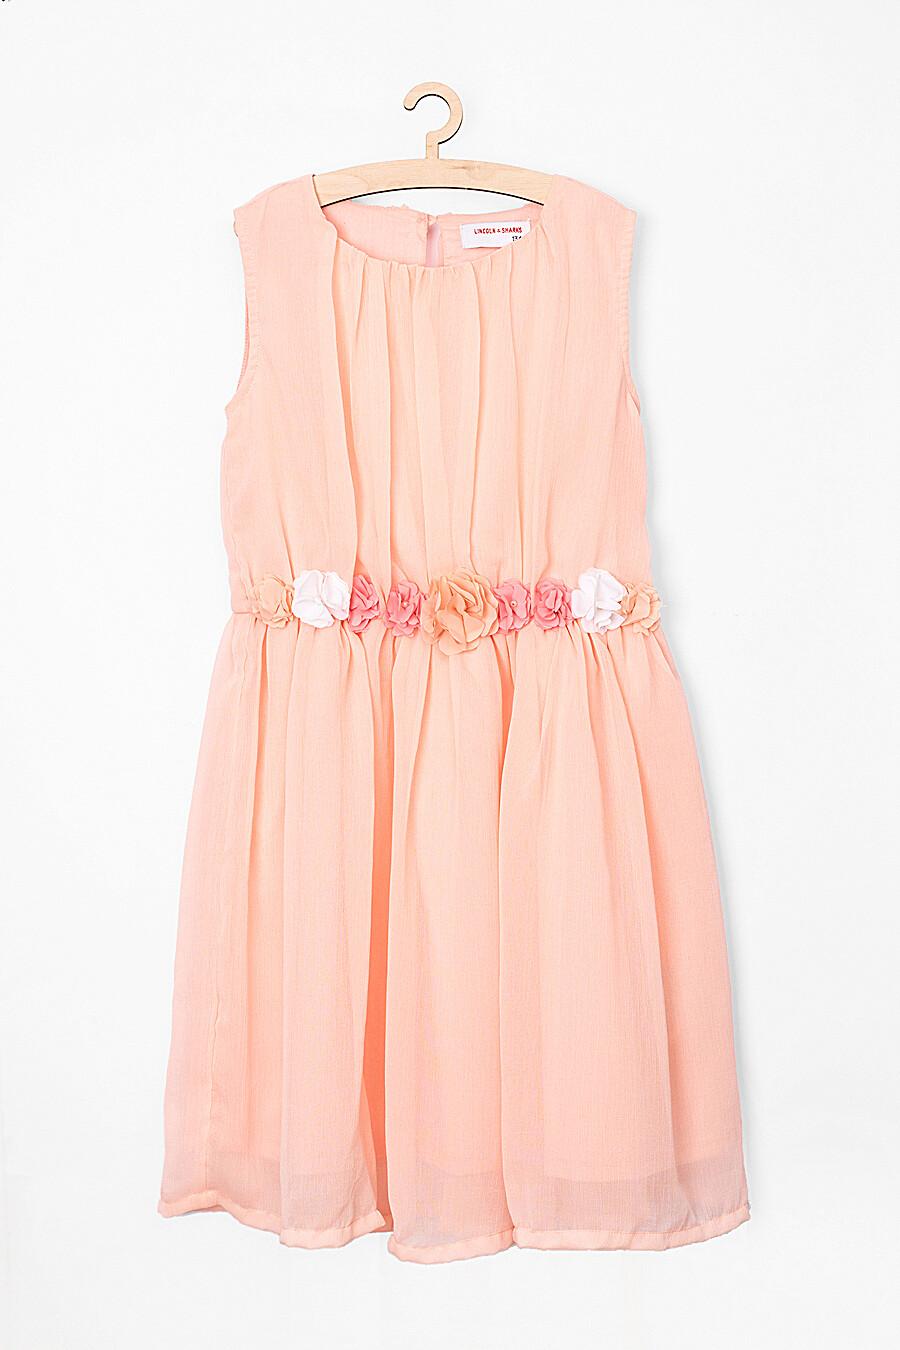 Платье для девочек 5.10.15 218399 купить оптом от производителя. Совместная покупка детской одежды в OptMoyo